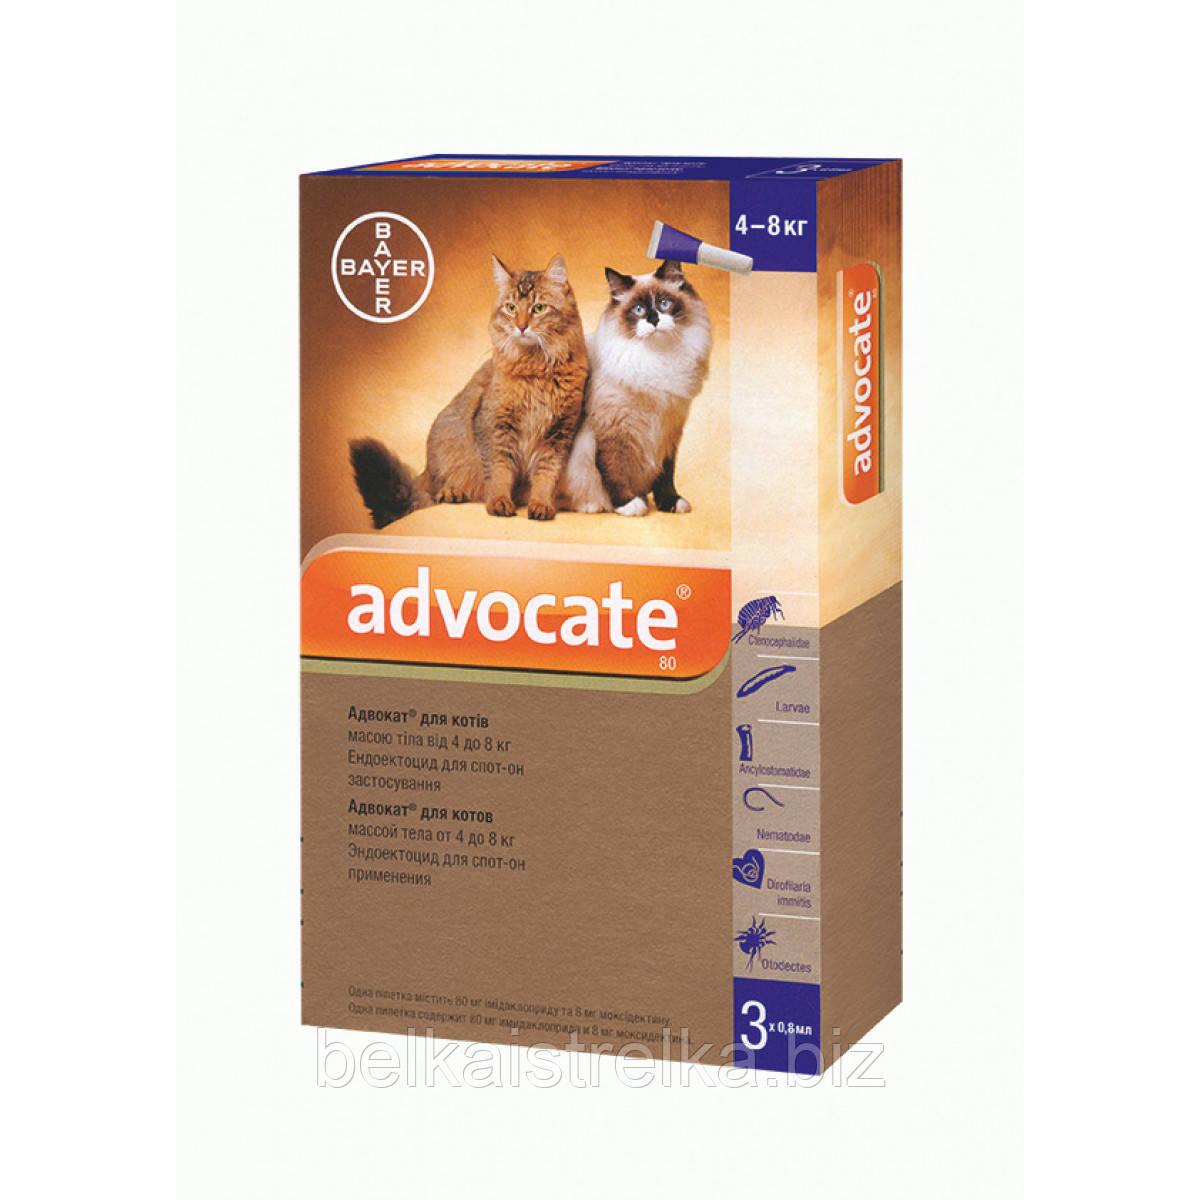 Краплі Advocate Bayer Адвокат інсектицидні для котів вагою 4-8 кг, 1 піпетка х0,8мл